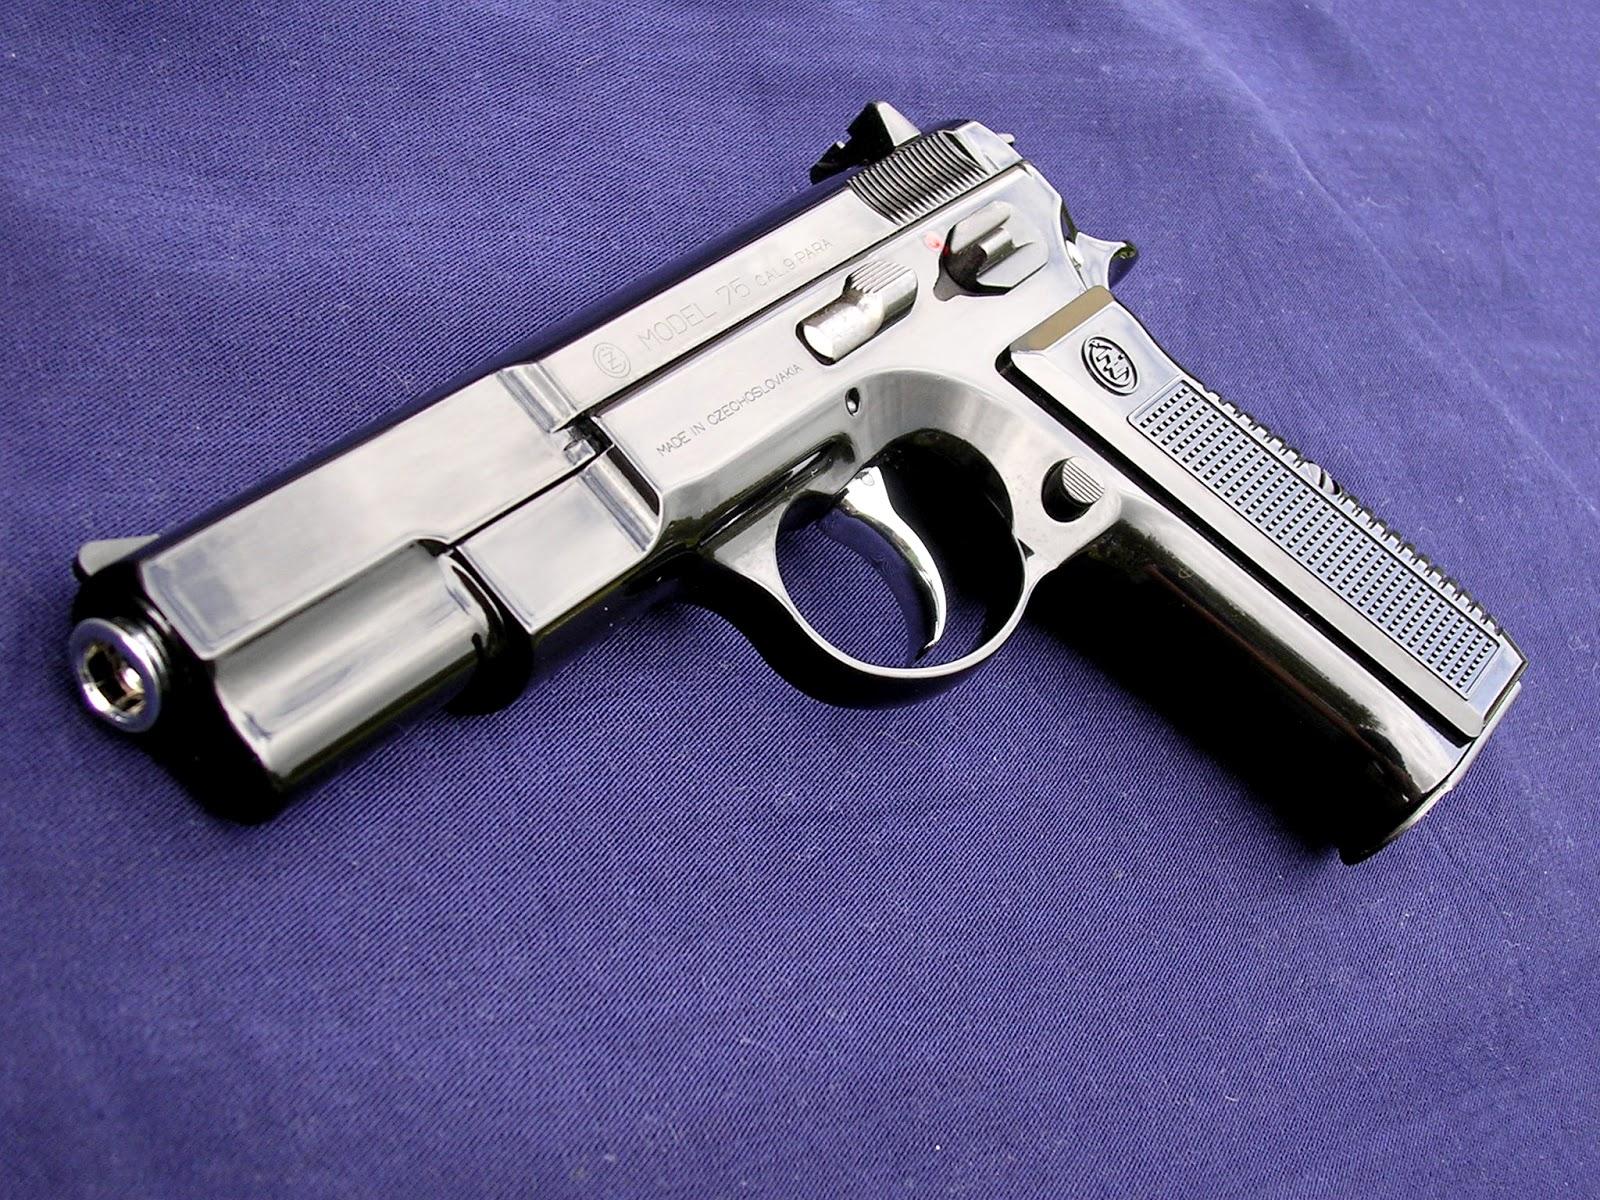 http://4.bp.blogspot.com/-44_IMPveSZI/UHvr_l5JvCI/AAAAAAAAGOU/g0EvEUJ5hLA/s1600/guns_handguns_cz_75_short_rail_original_gun_desktop_2048x1536_hd-wallpaper-810438.jpeg